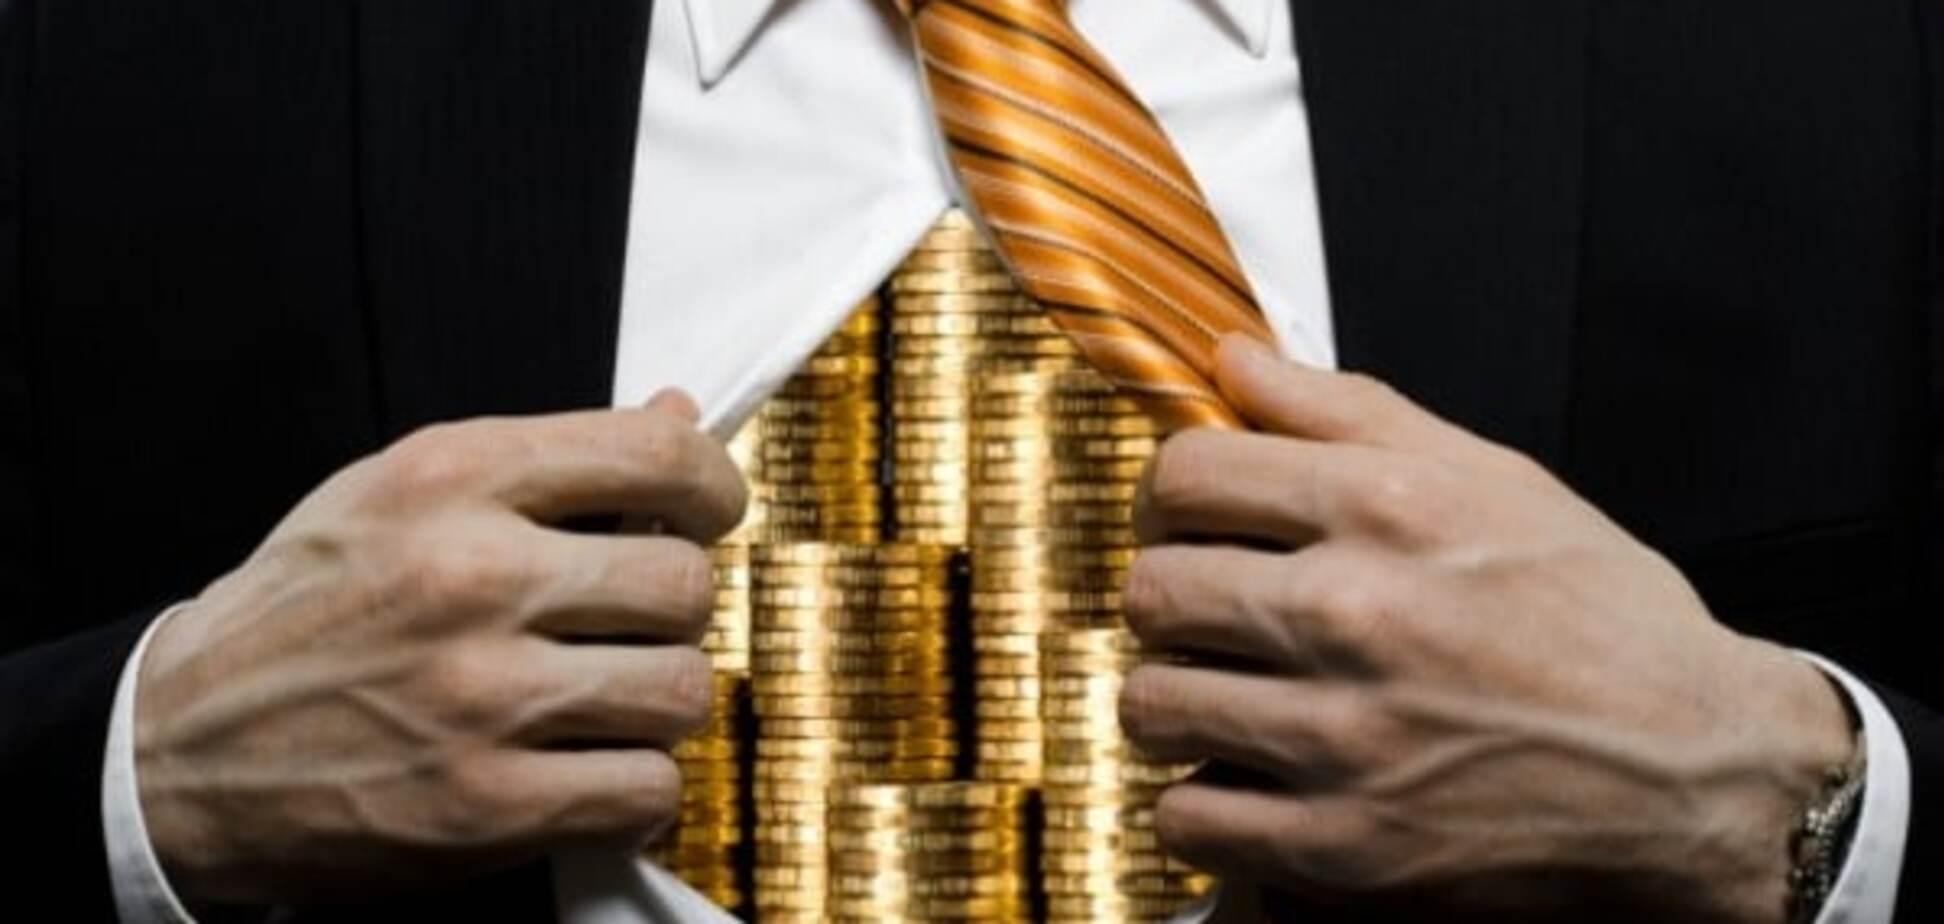 Золотой фонд человечества: названы десять самых богатых людей в истории